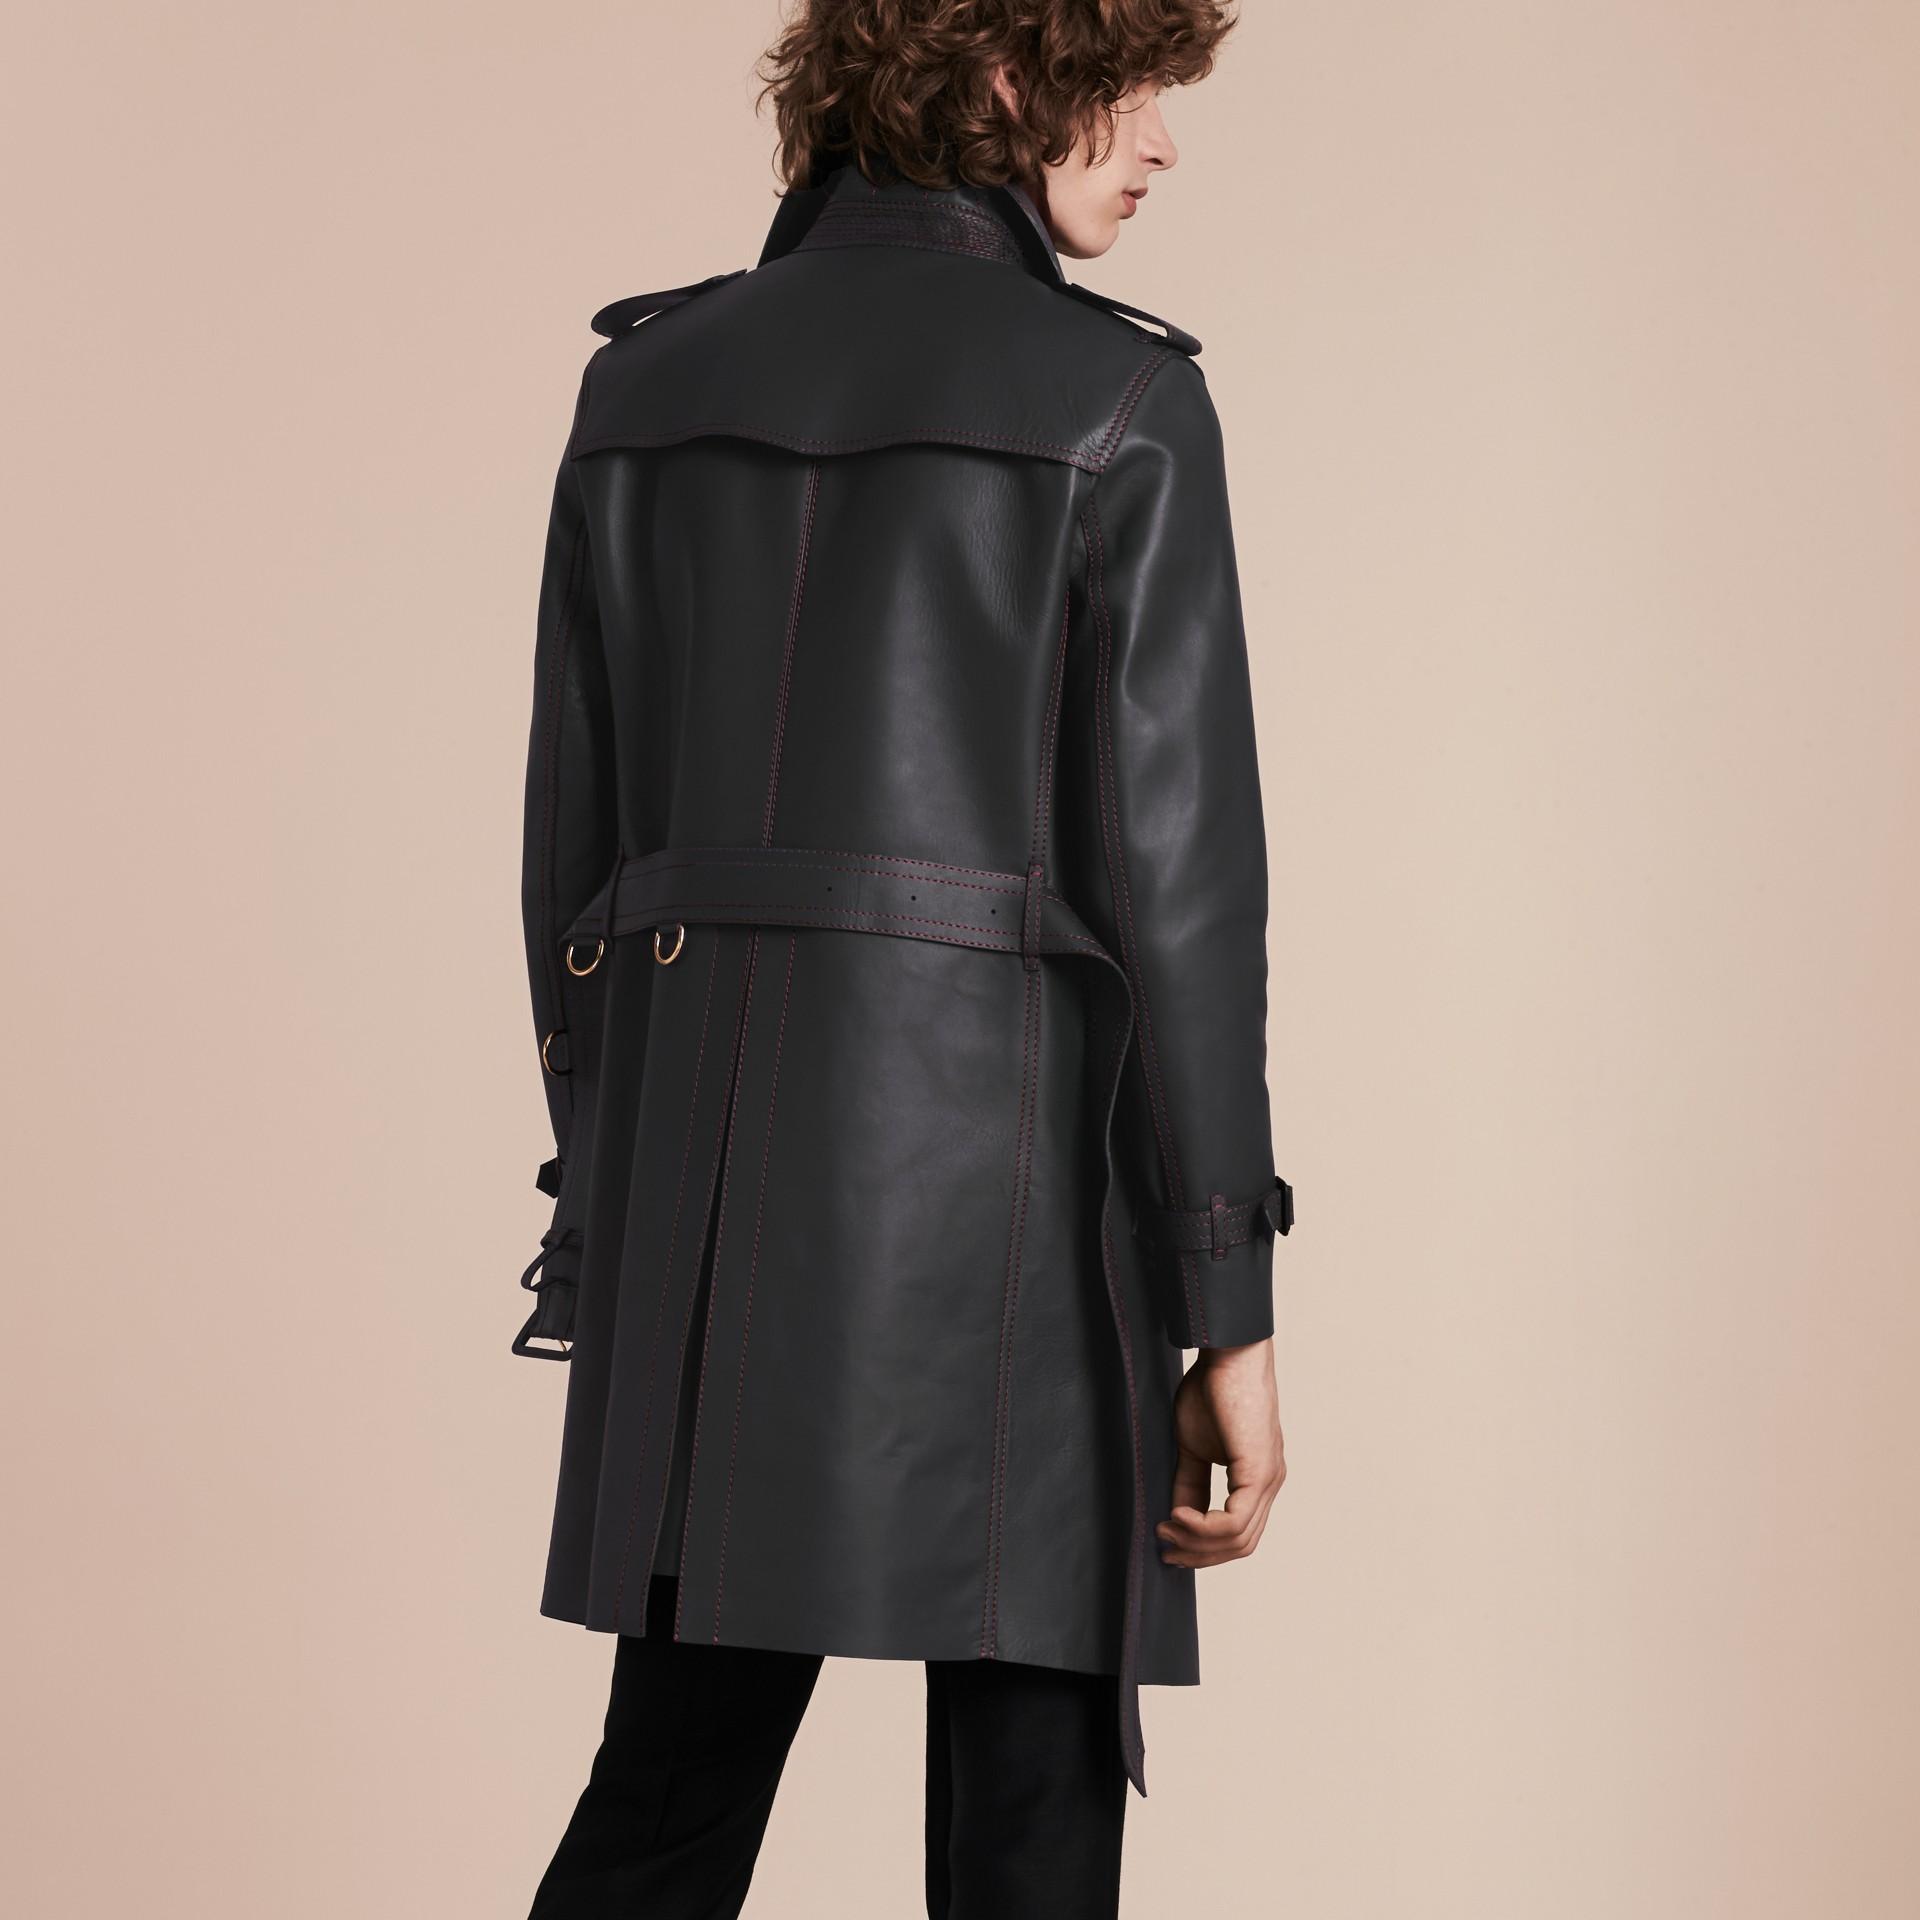 Navy scuro Trench coat in pelle di agnello con impunture militari - immagine della galleria 3